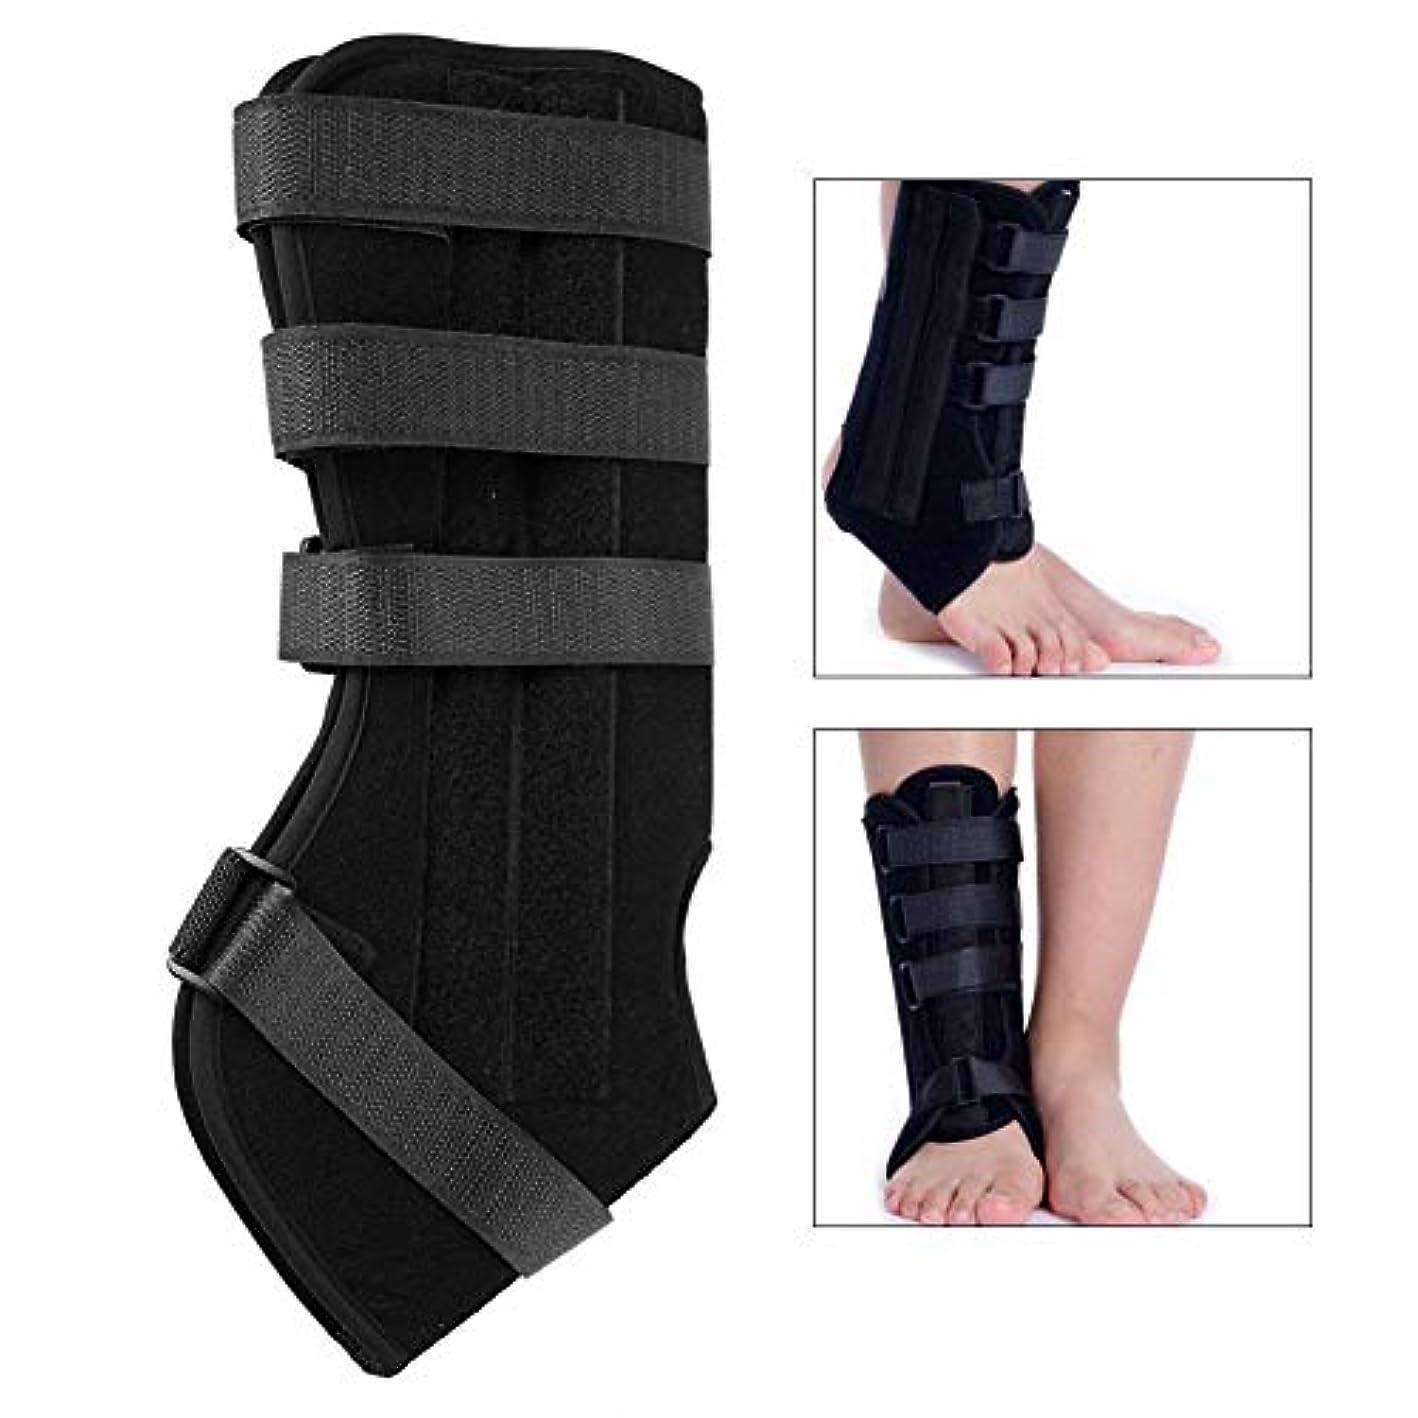 朝エンドウフィルタ足首装具、足首関節外部固定骨折治療修正サポートツールブレースサポート腱矯正手術後,S